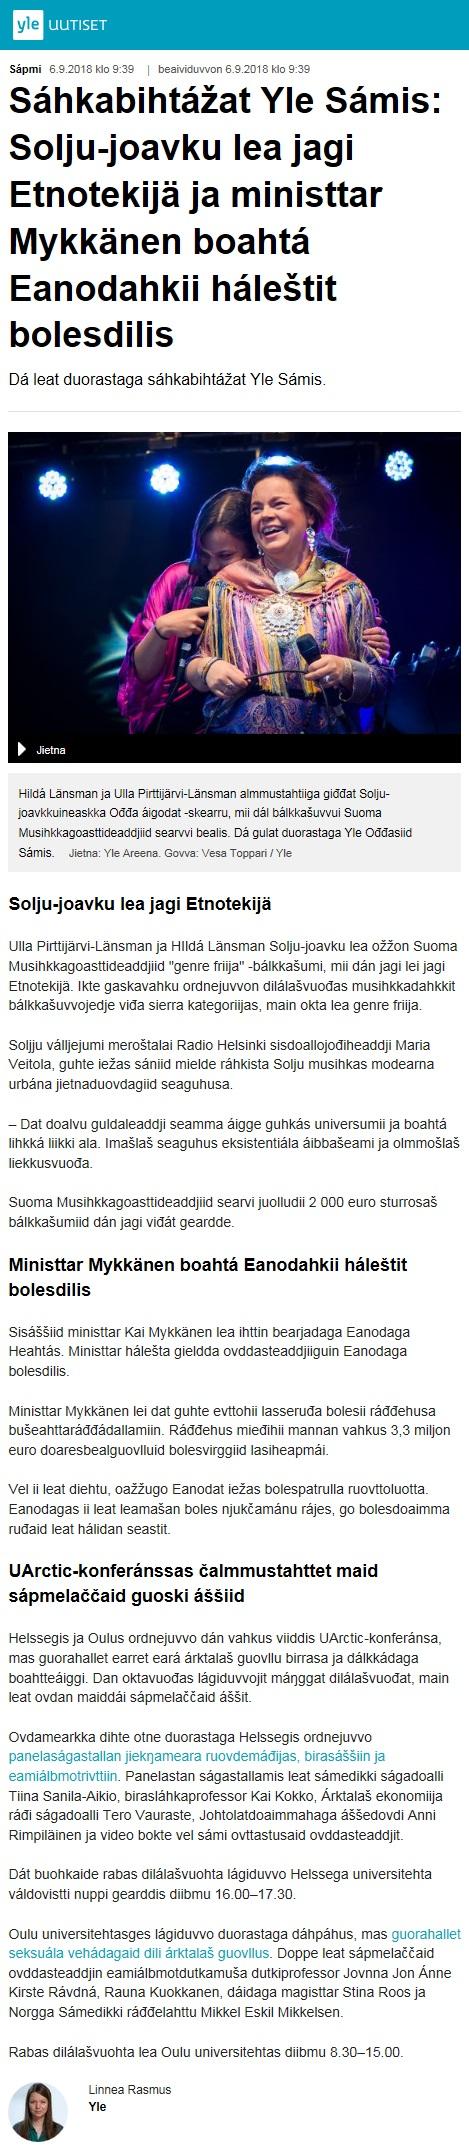 Yle Sàpmi (Finland), 6.9.2018